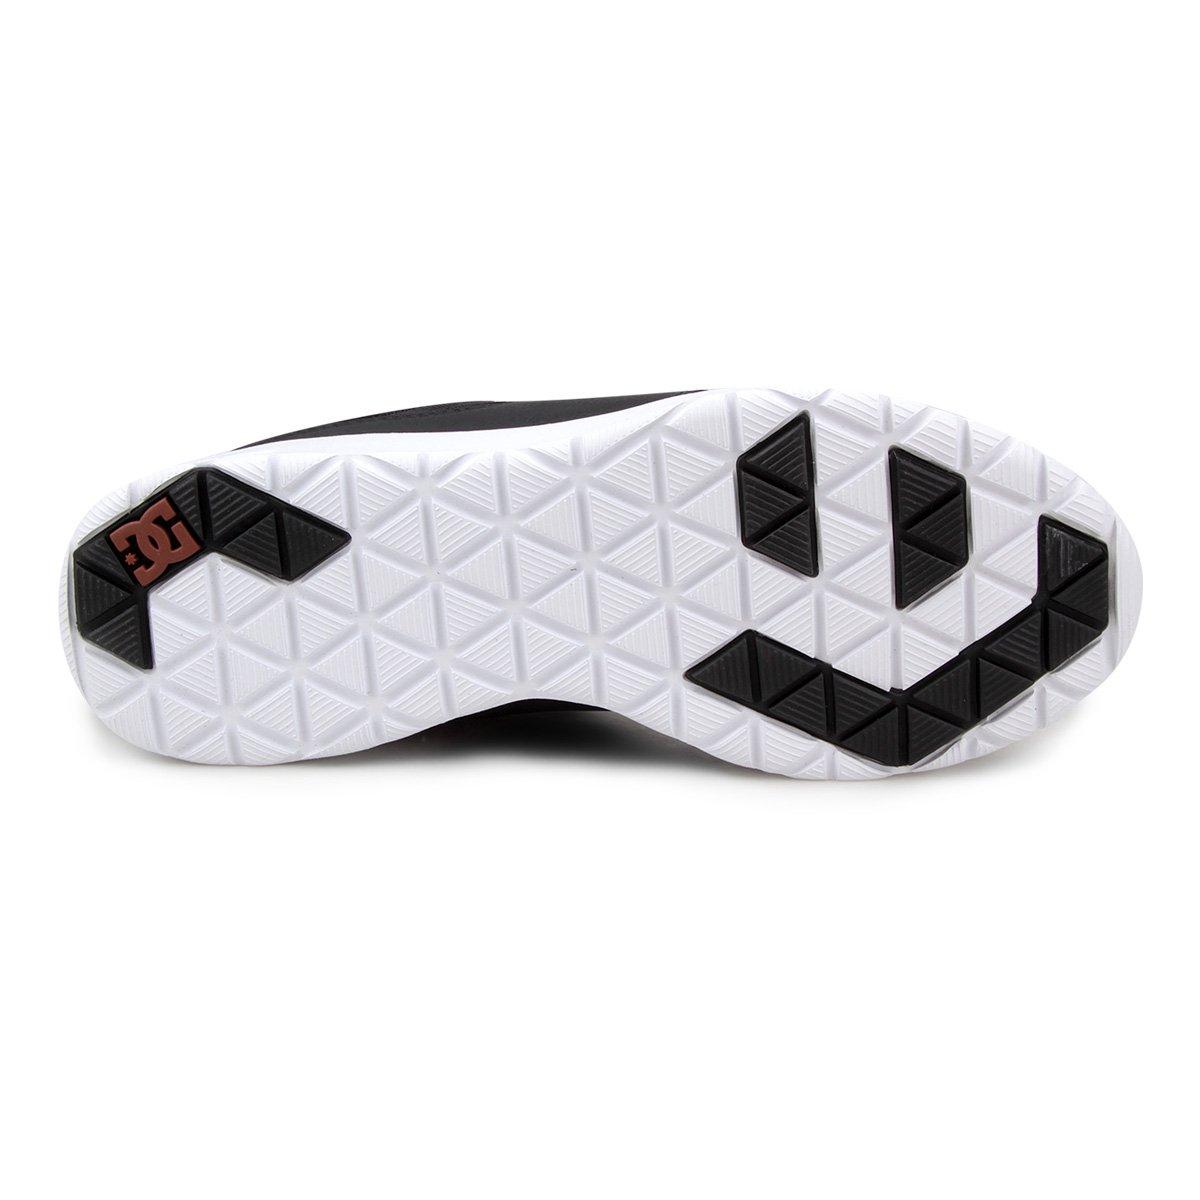 Tênis DC Shoes Heathrow Prestige Masculino - Preto e Branco - Compre ... 7d271243cb5b2